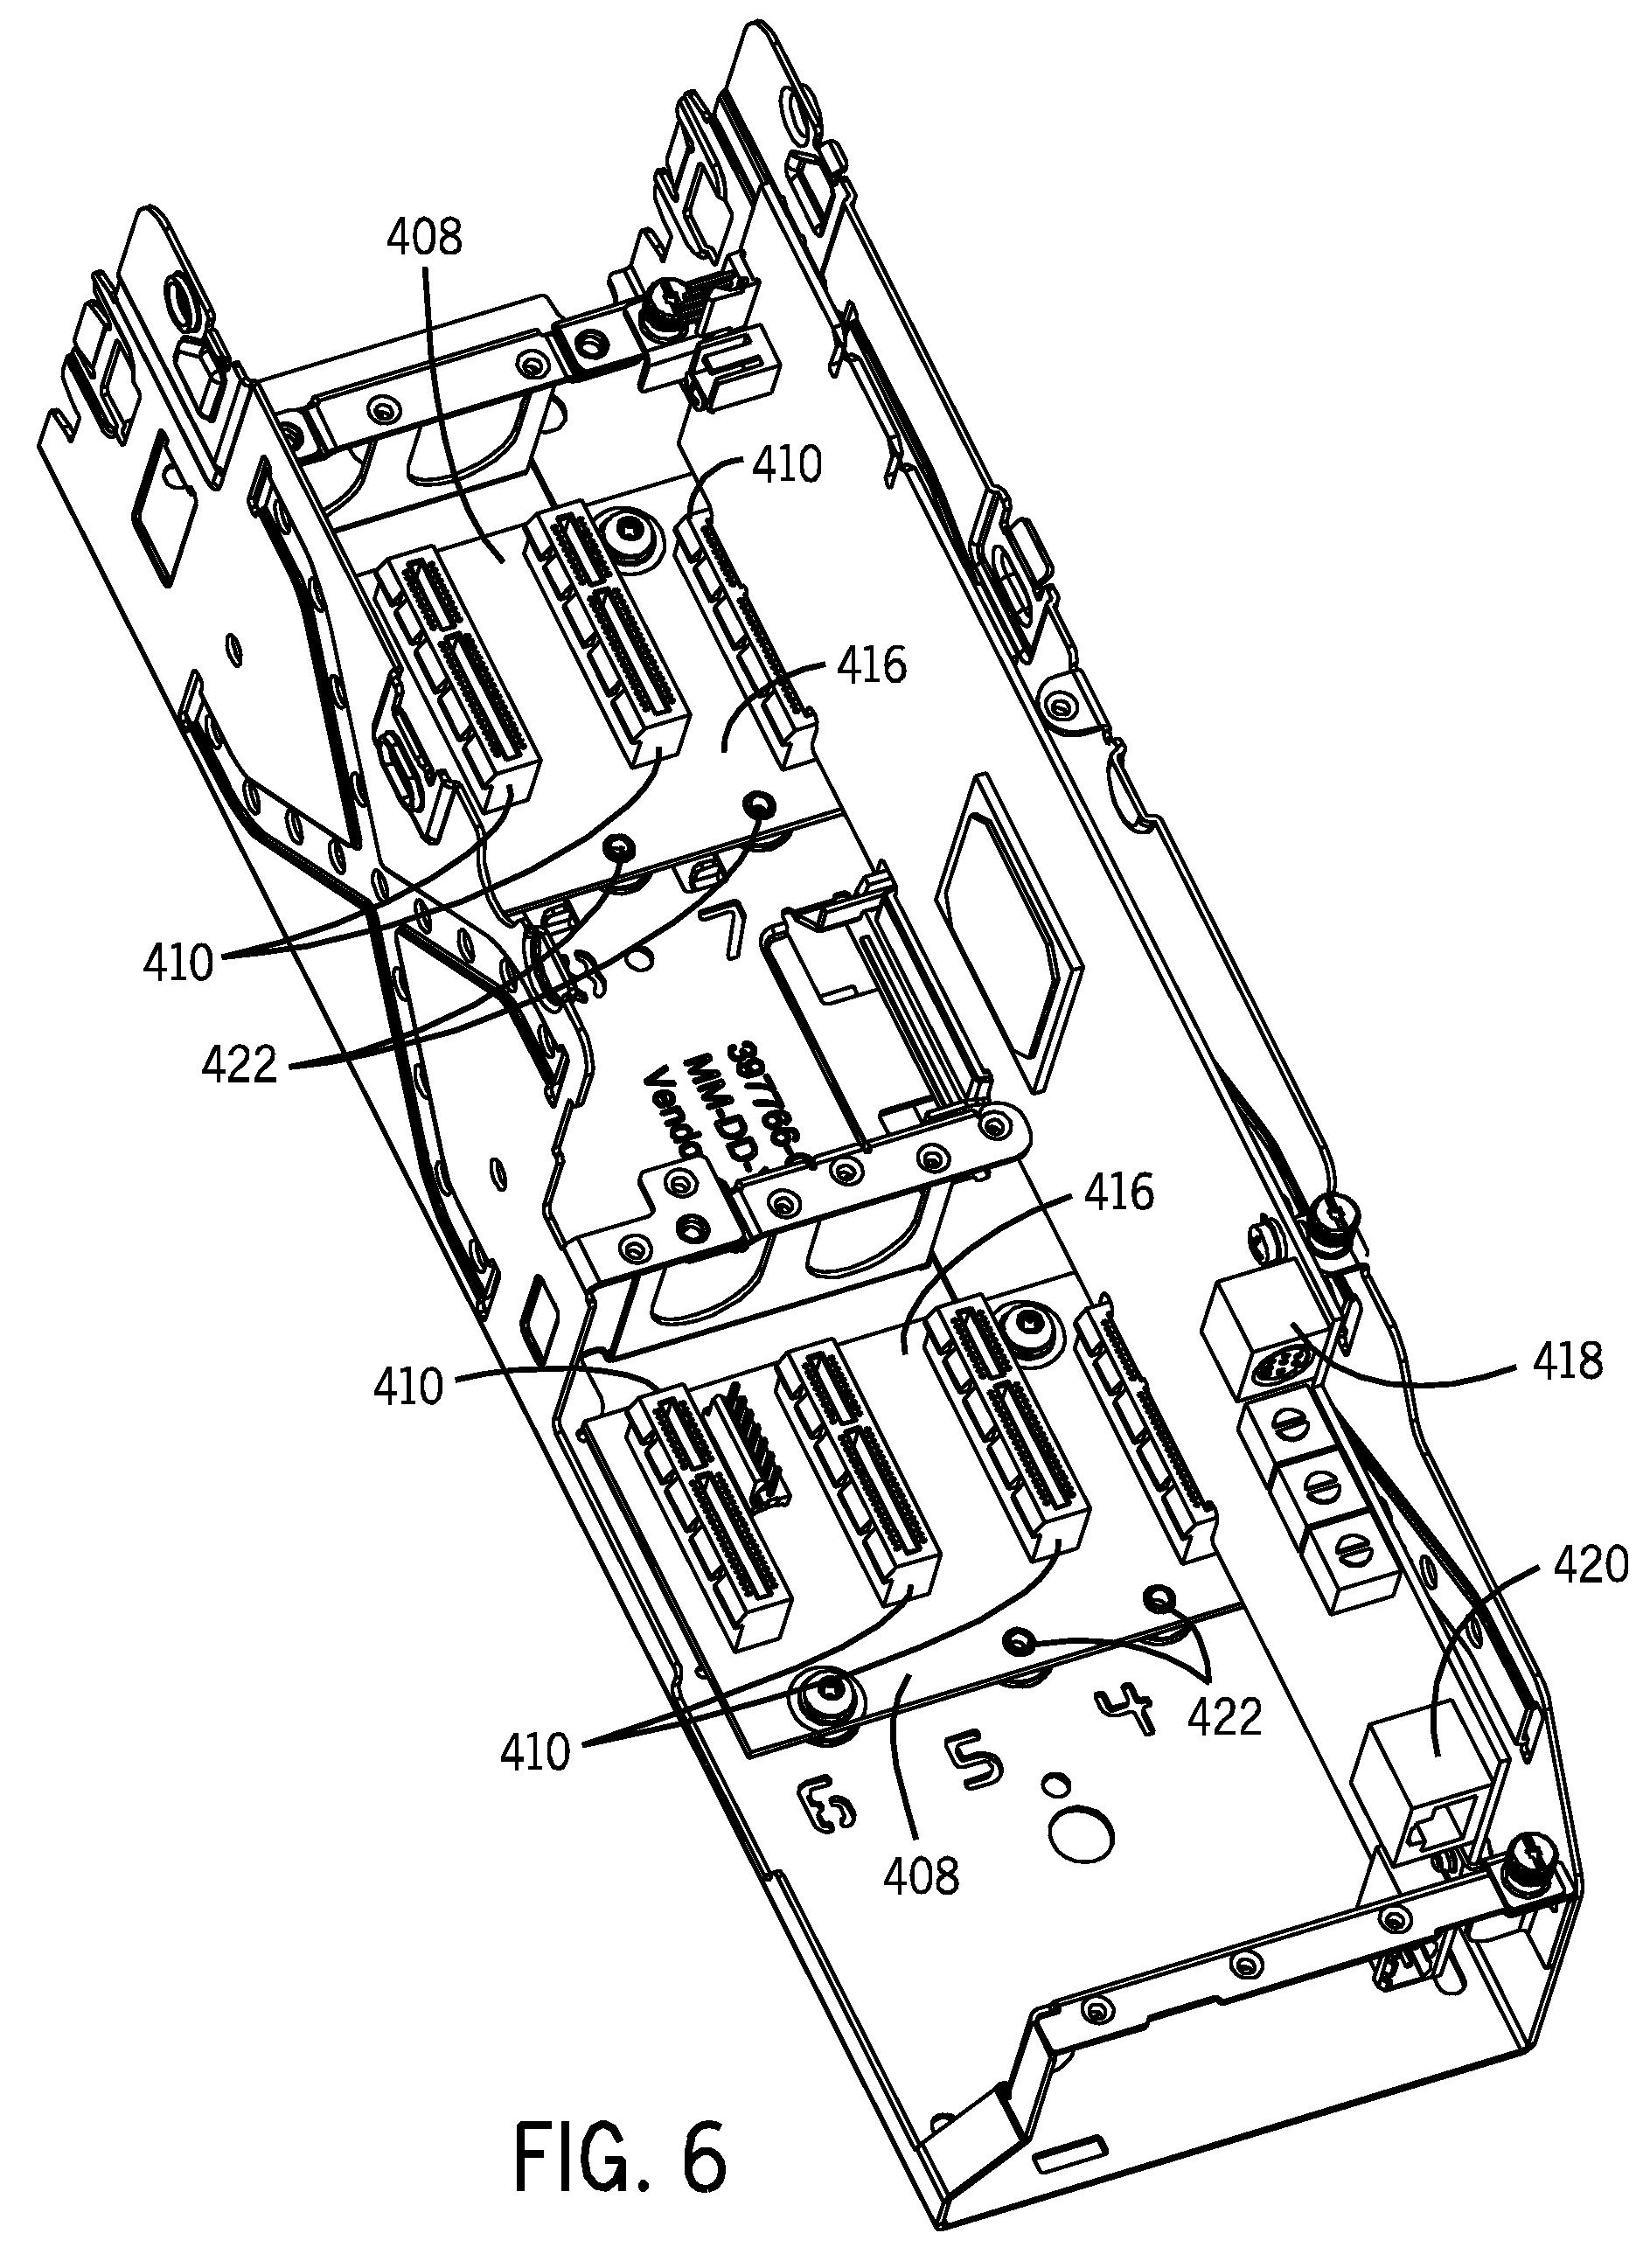 motor controller wiring diagram 480